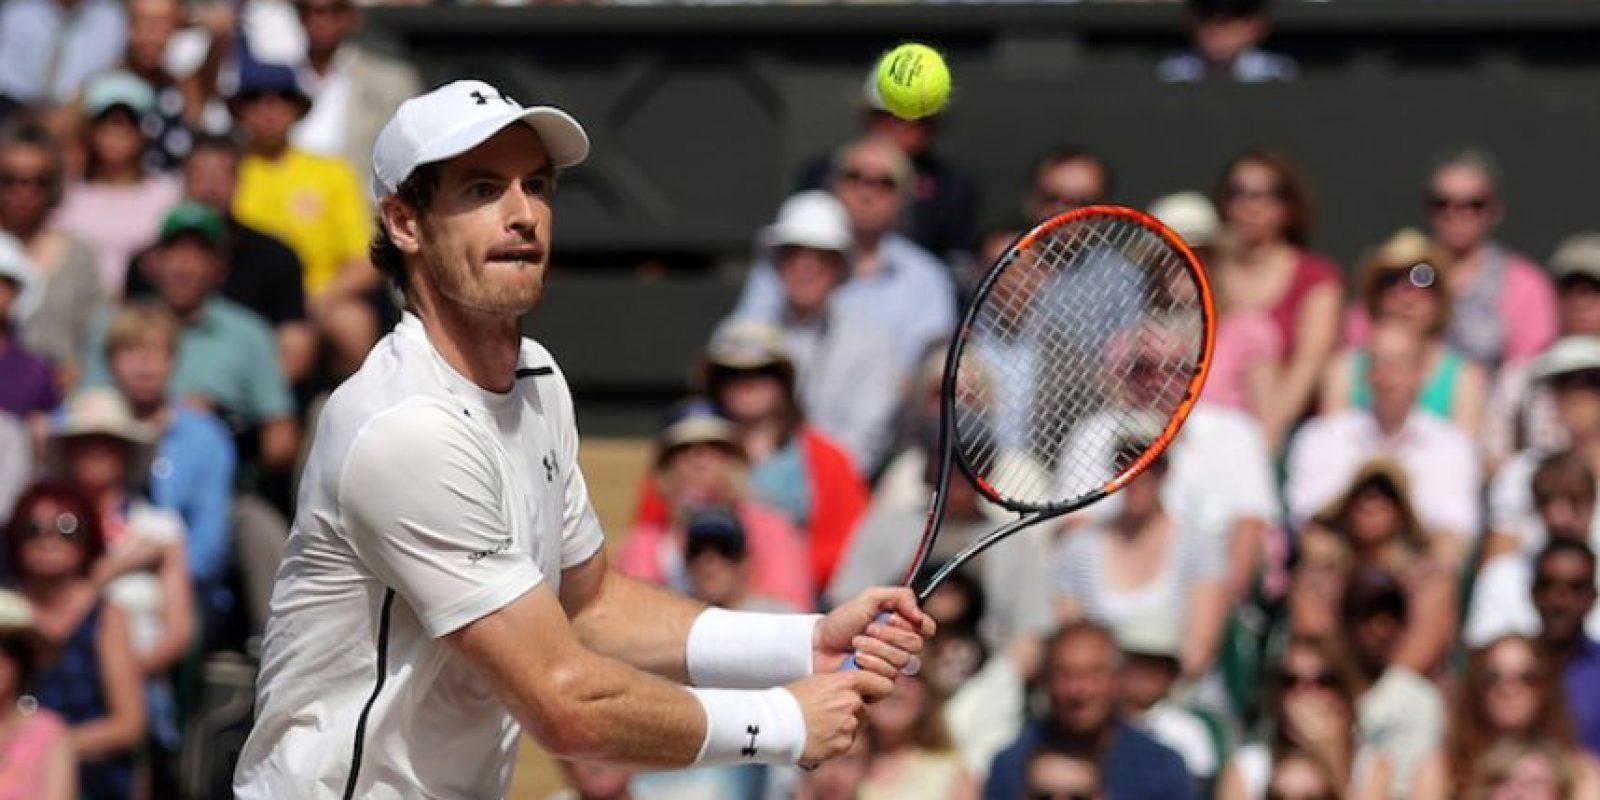 Andy Murray Foto:AP. Imagen Por: